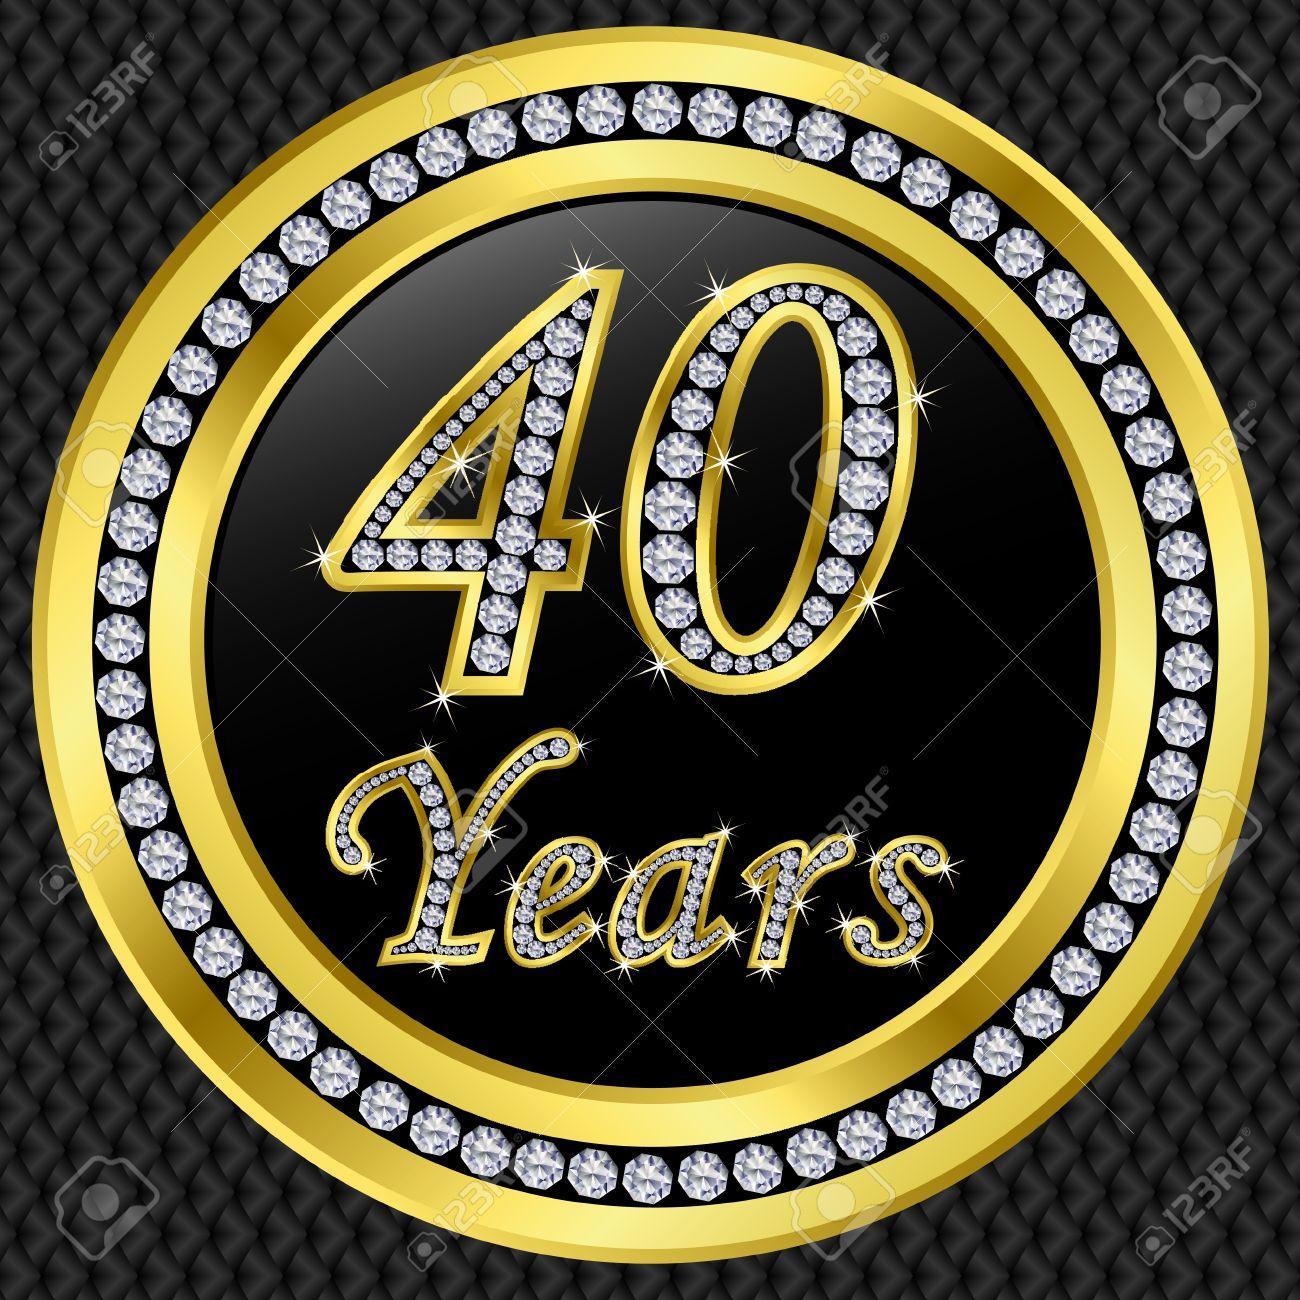 40 Jahre Jubilaum Alles Gute Zum Geburtstag Goldene Symbol Mit